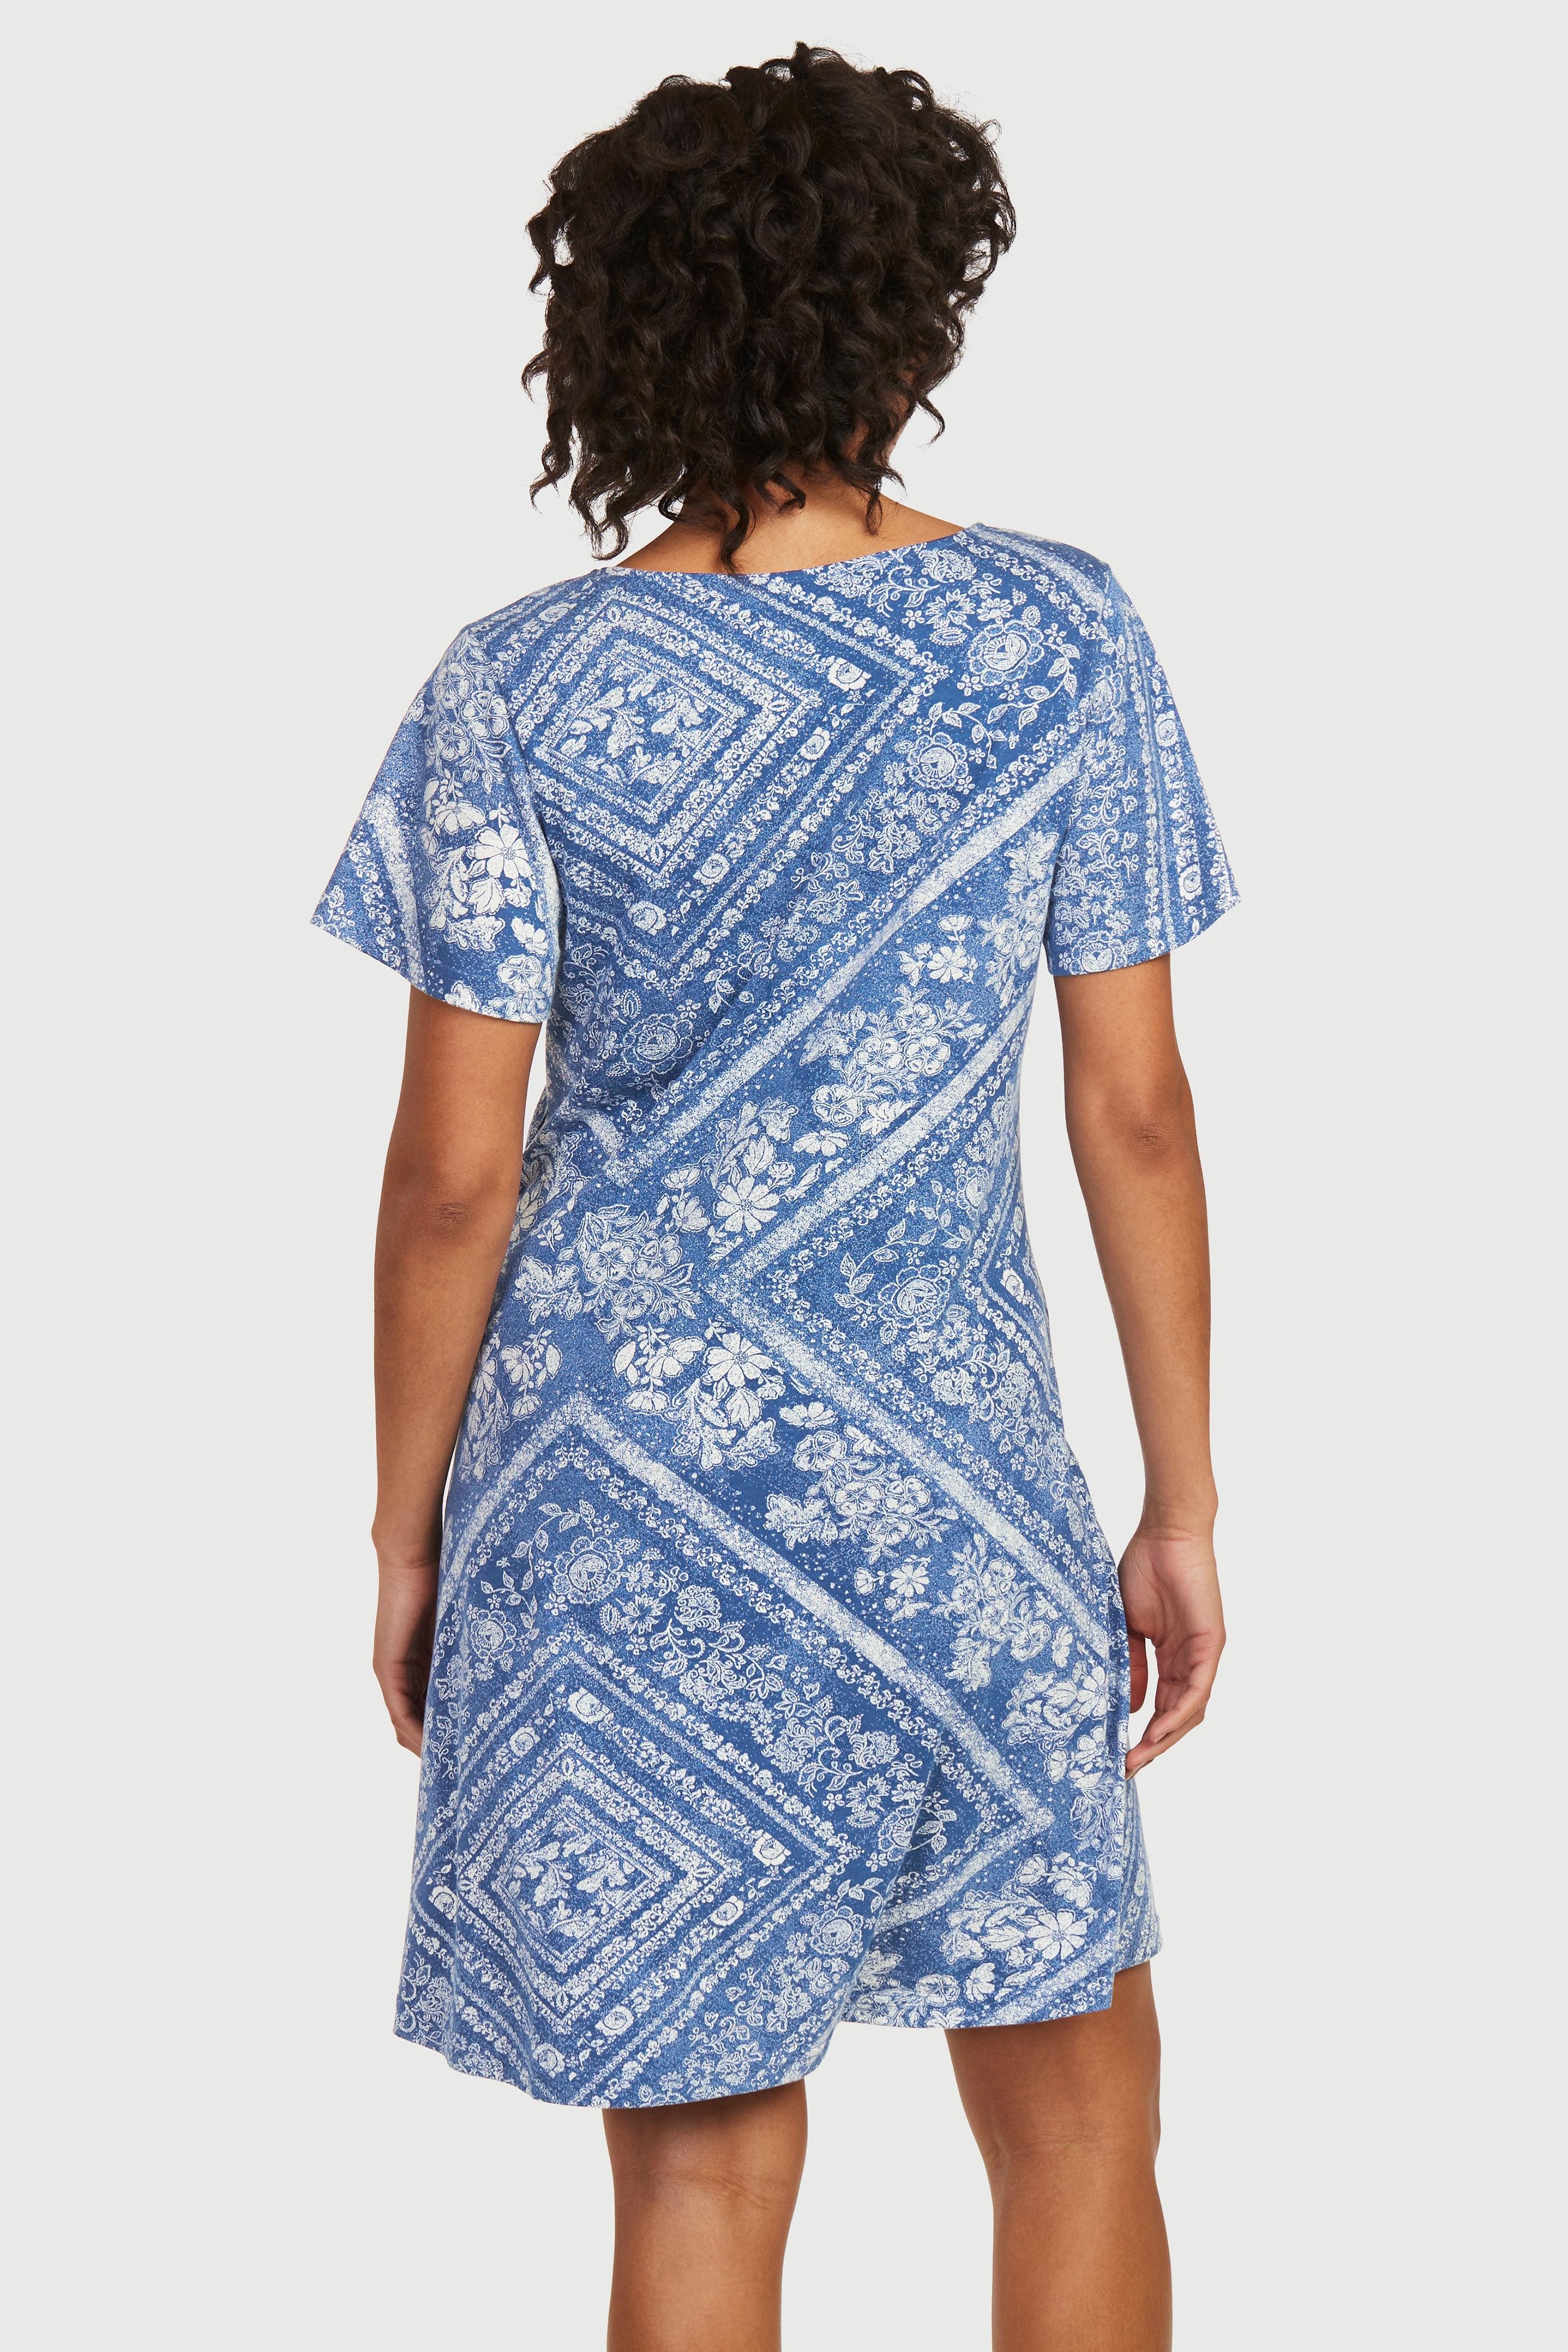 Dżersejowa sukienka ze wzorem